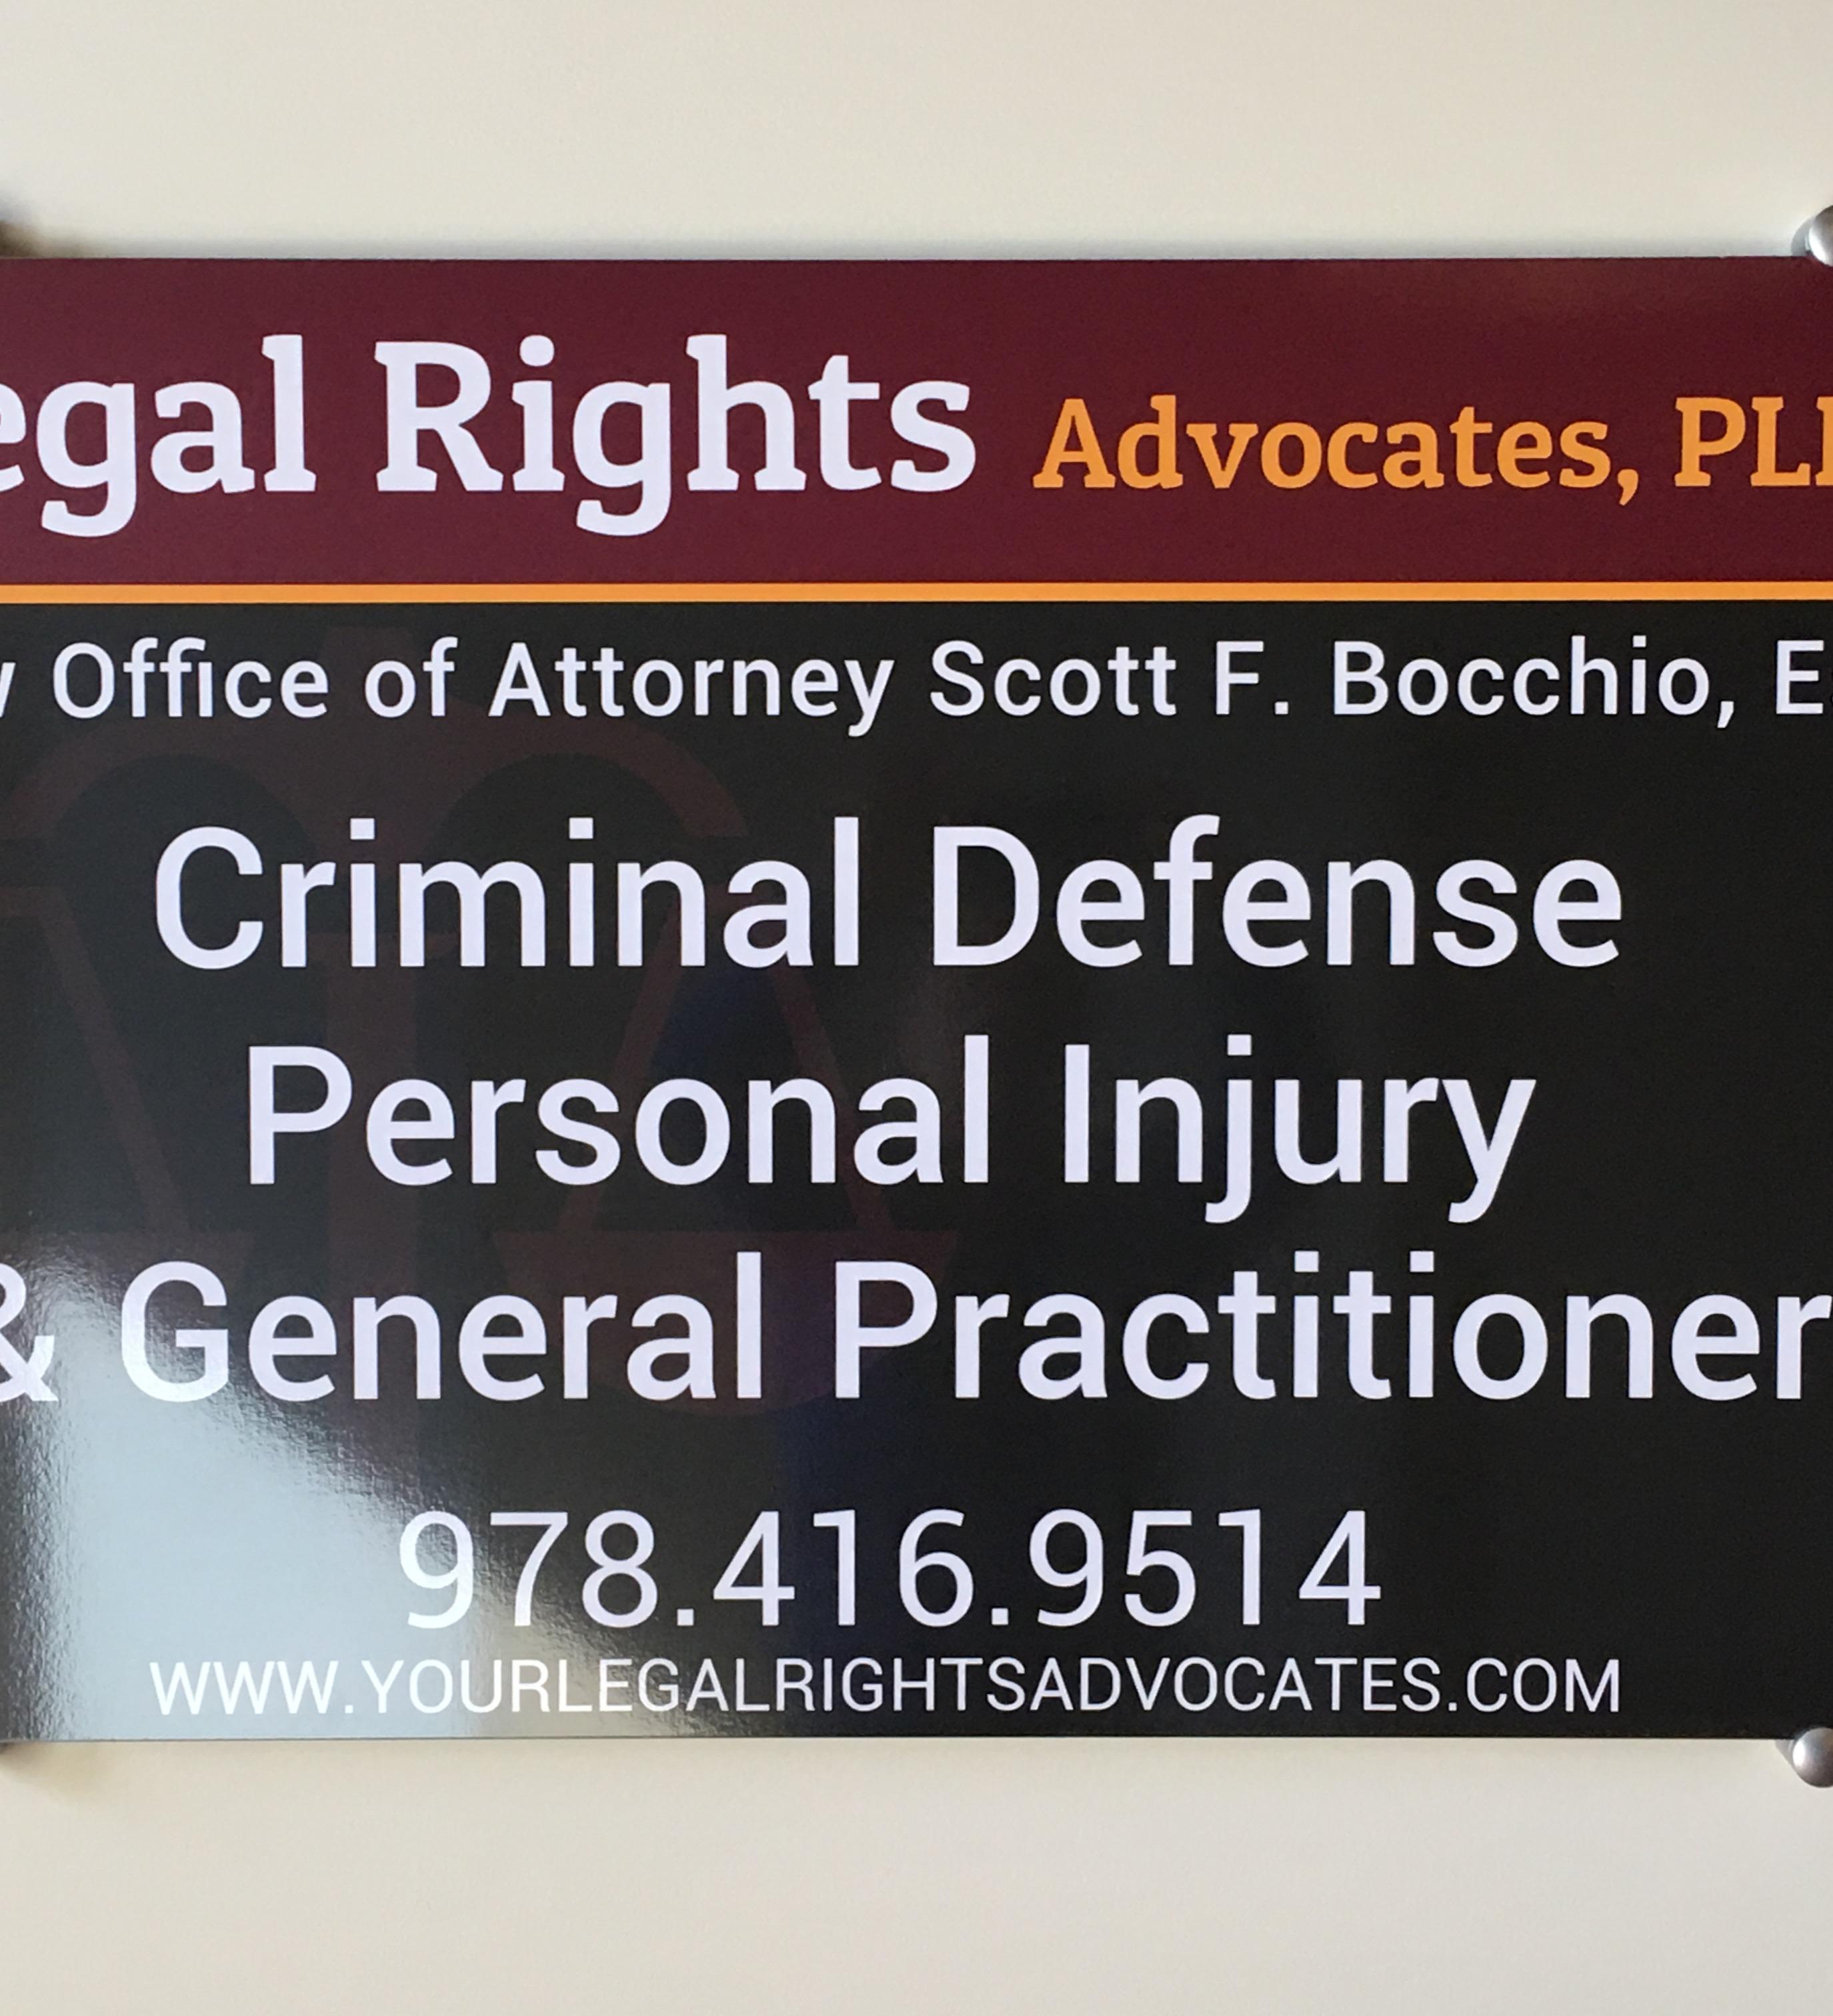 Scott Bocchio